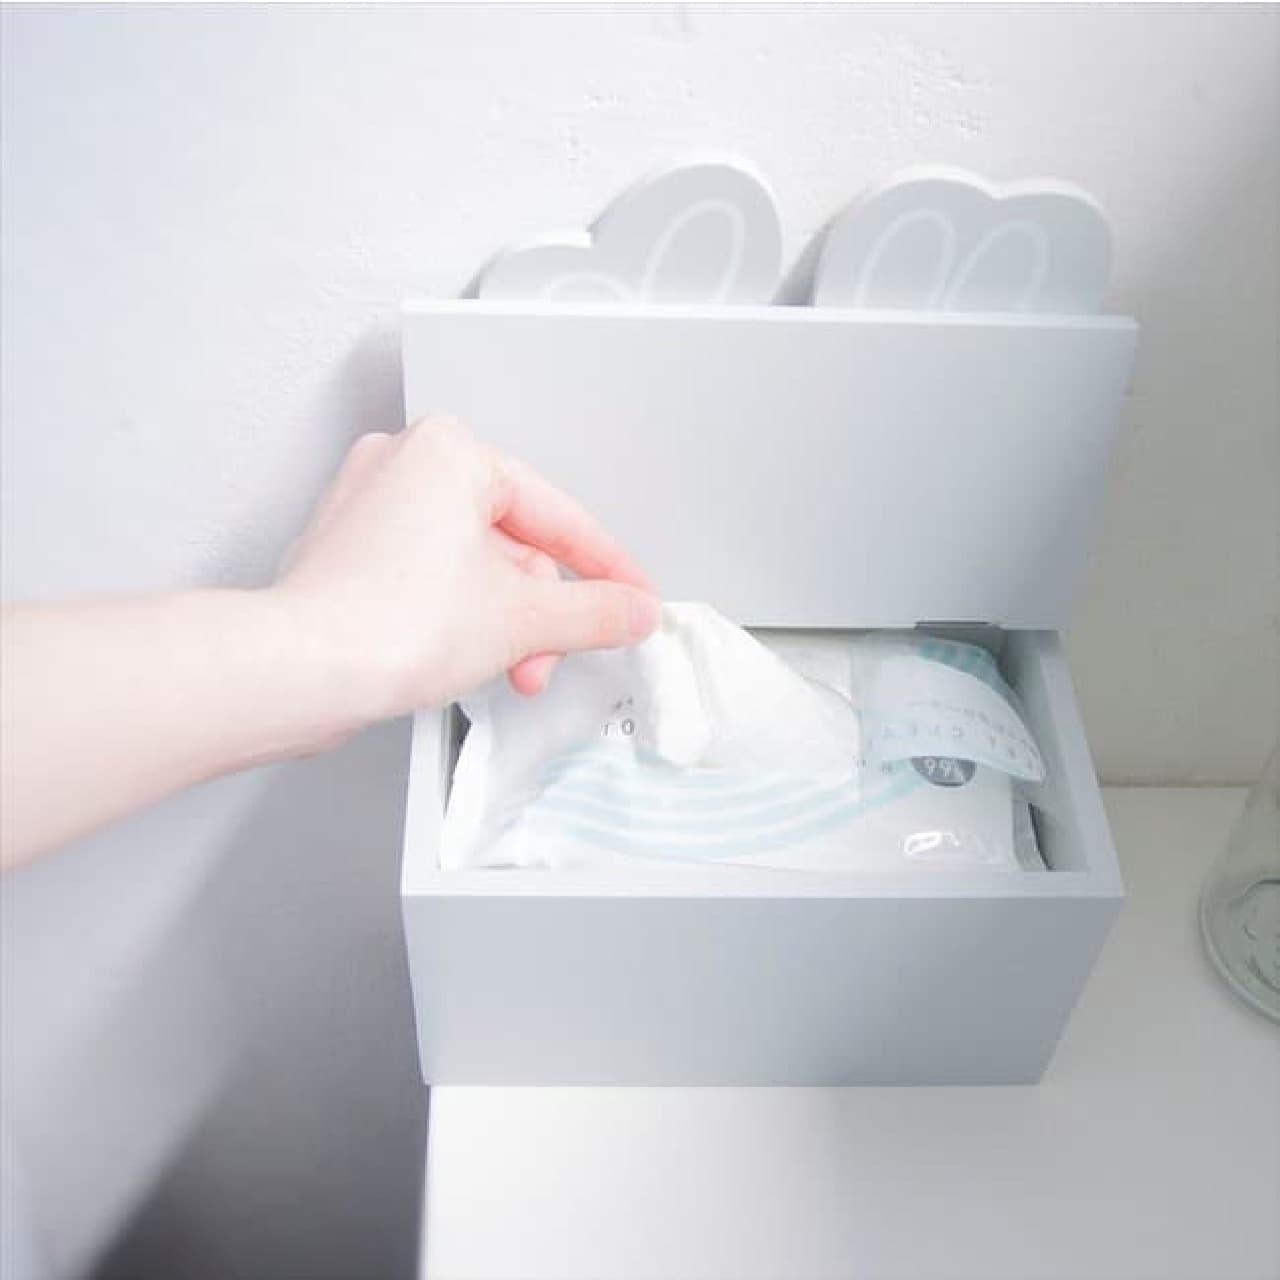 ミッフィーをデザインしたトイレ小物収納ケースなどがヴィレッジヴァンガードオンラインストアに新登場。